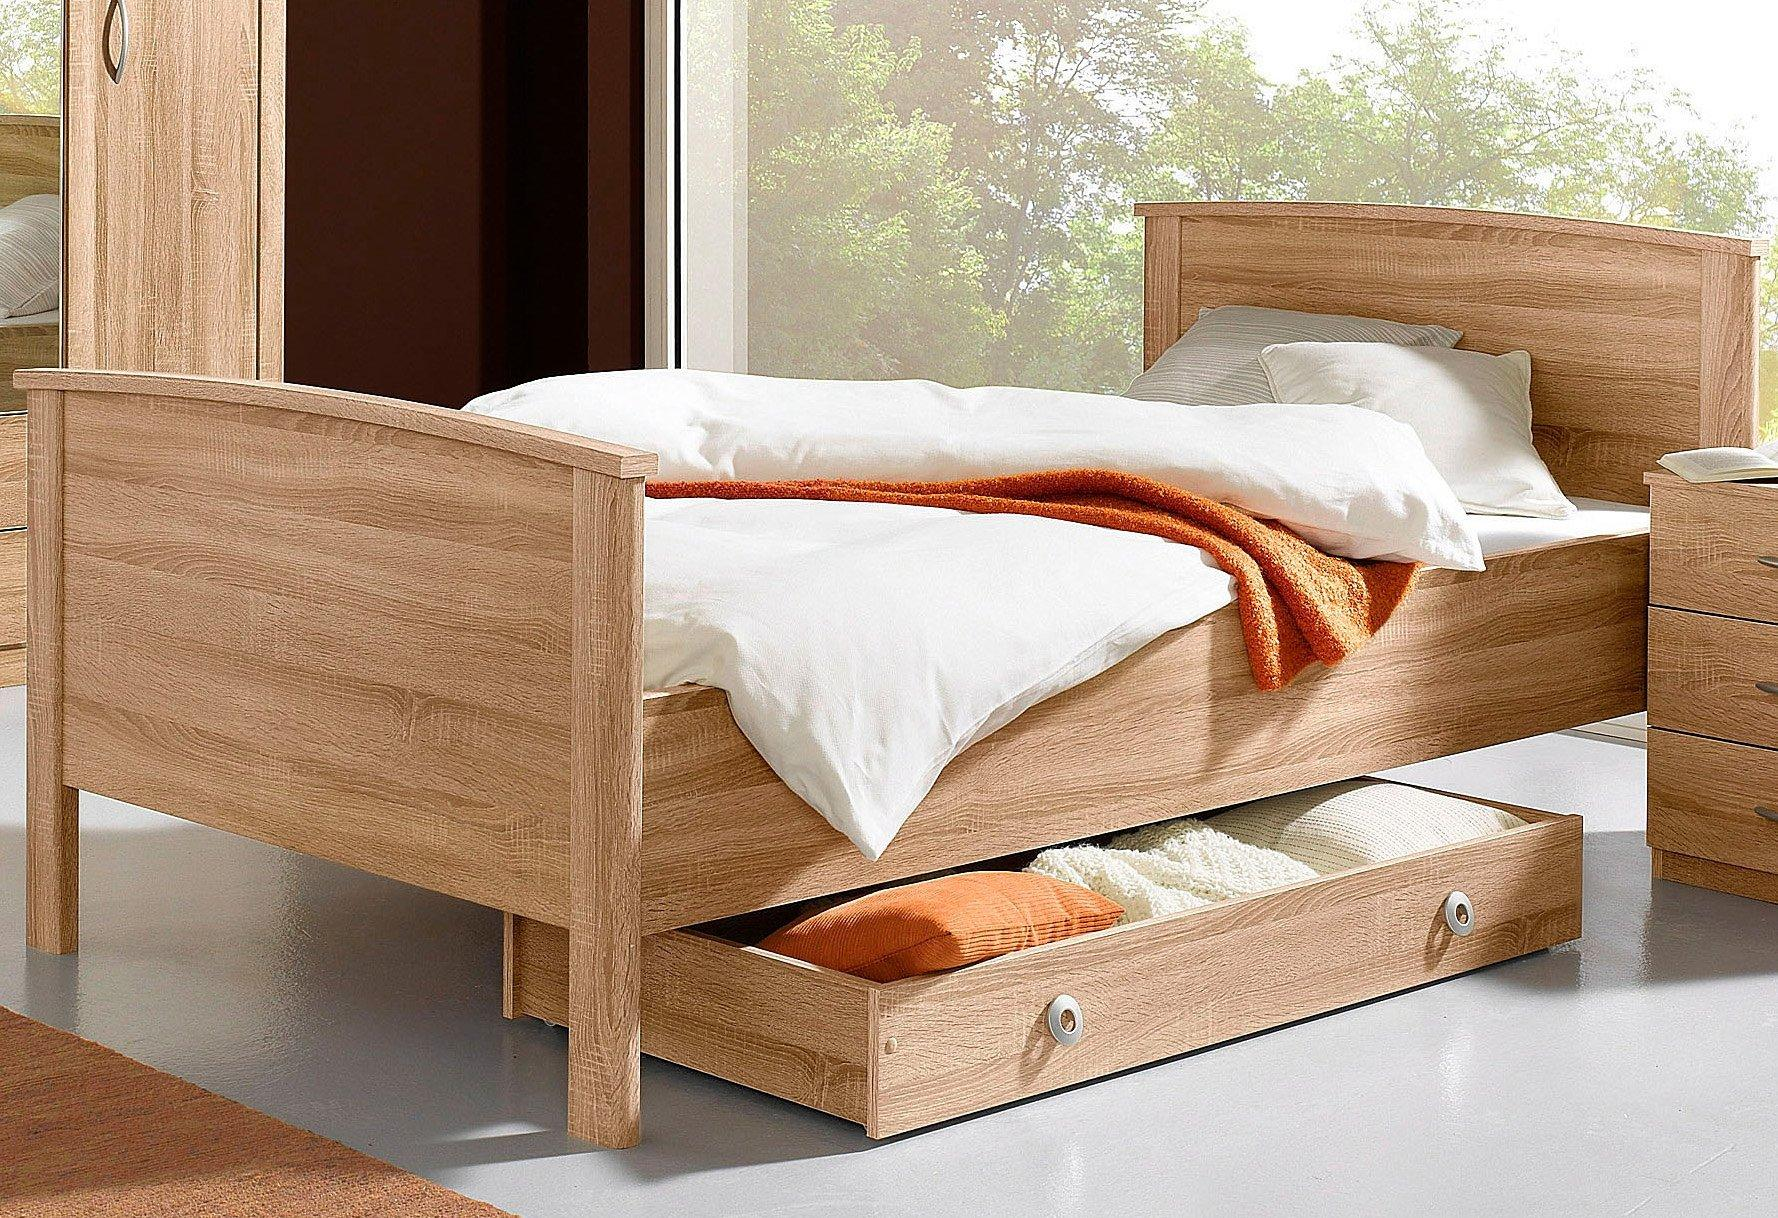 Full Size of Rauch Betten Packs Bett 180x200 Steffen 120x200 Samoa 140x200 Bettsystem Alzey Konfigurator Bettensystem Pack S Komfortbetten Online Kaufen Mbel Suchmaschine Bett Rauch Betten